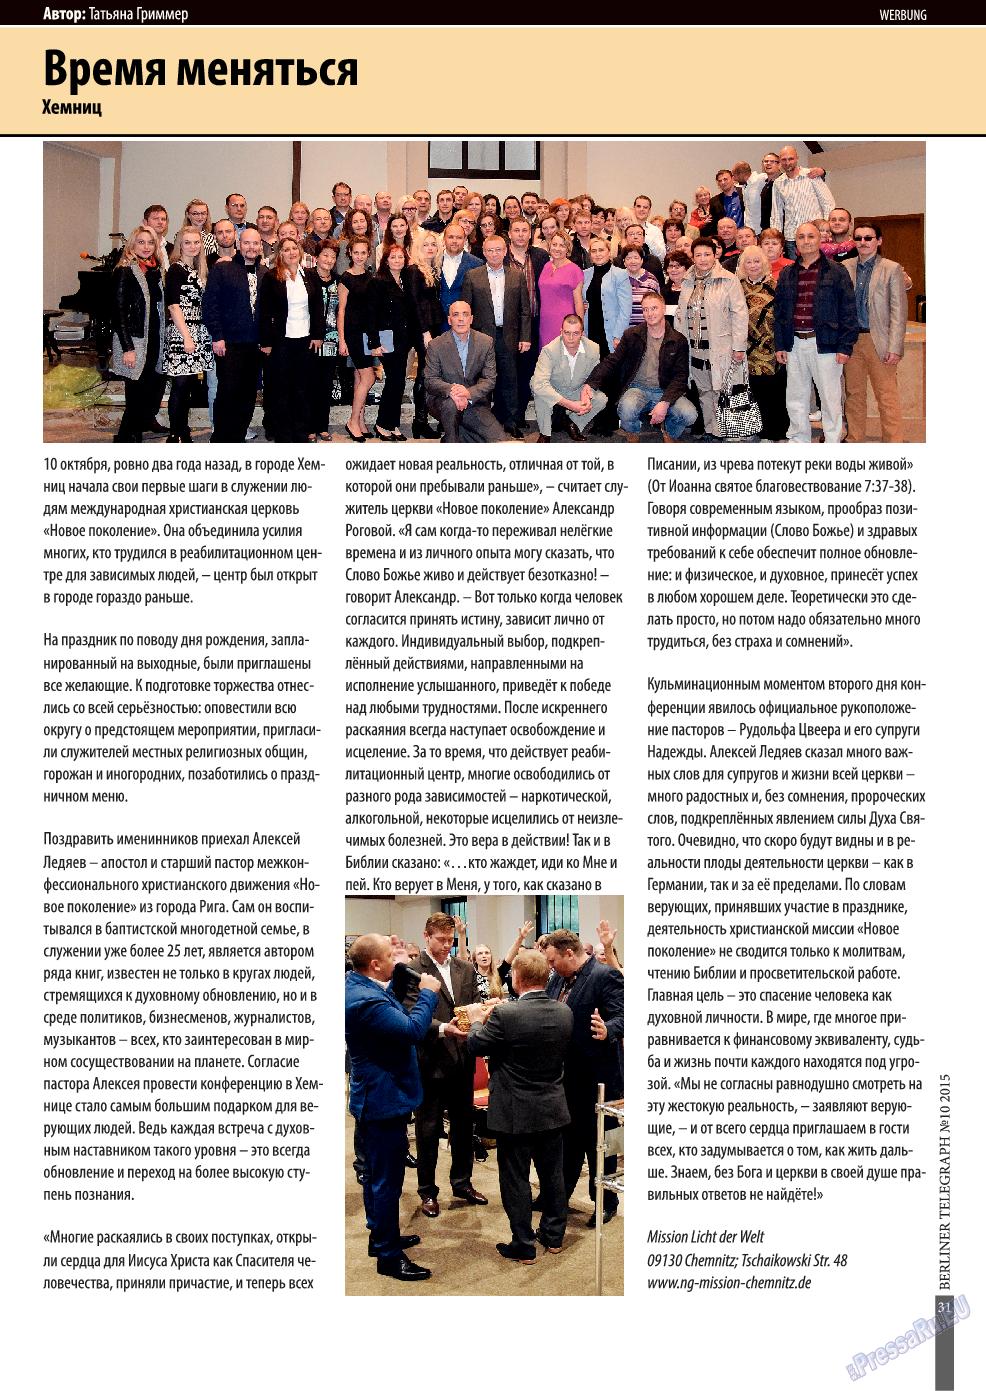 Берлинский телеграф (журнал). 2015 год, номер 11, стр. 31